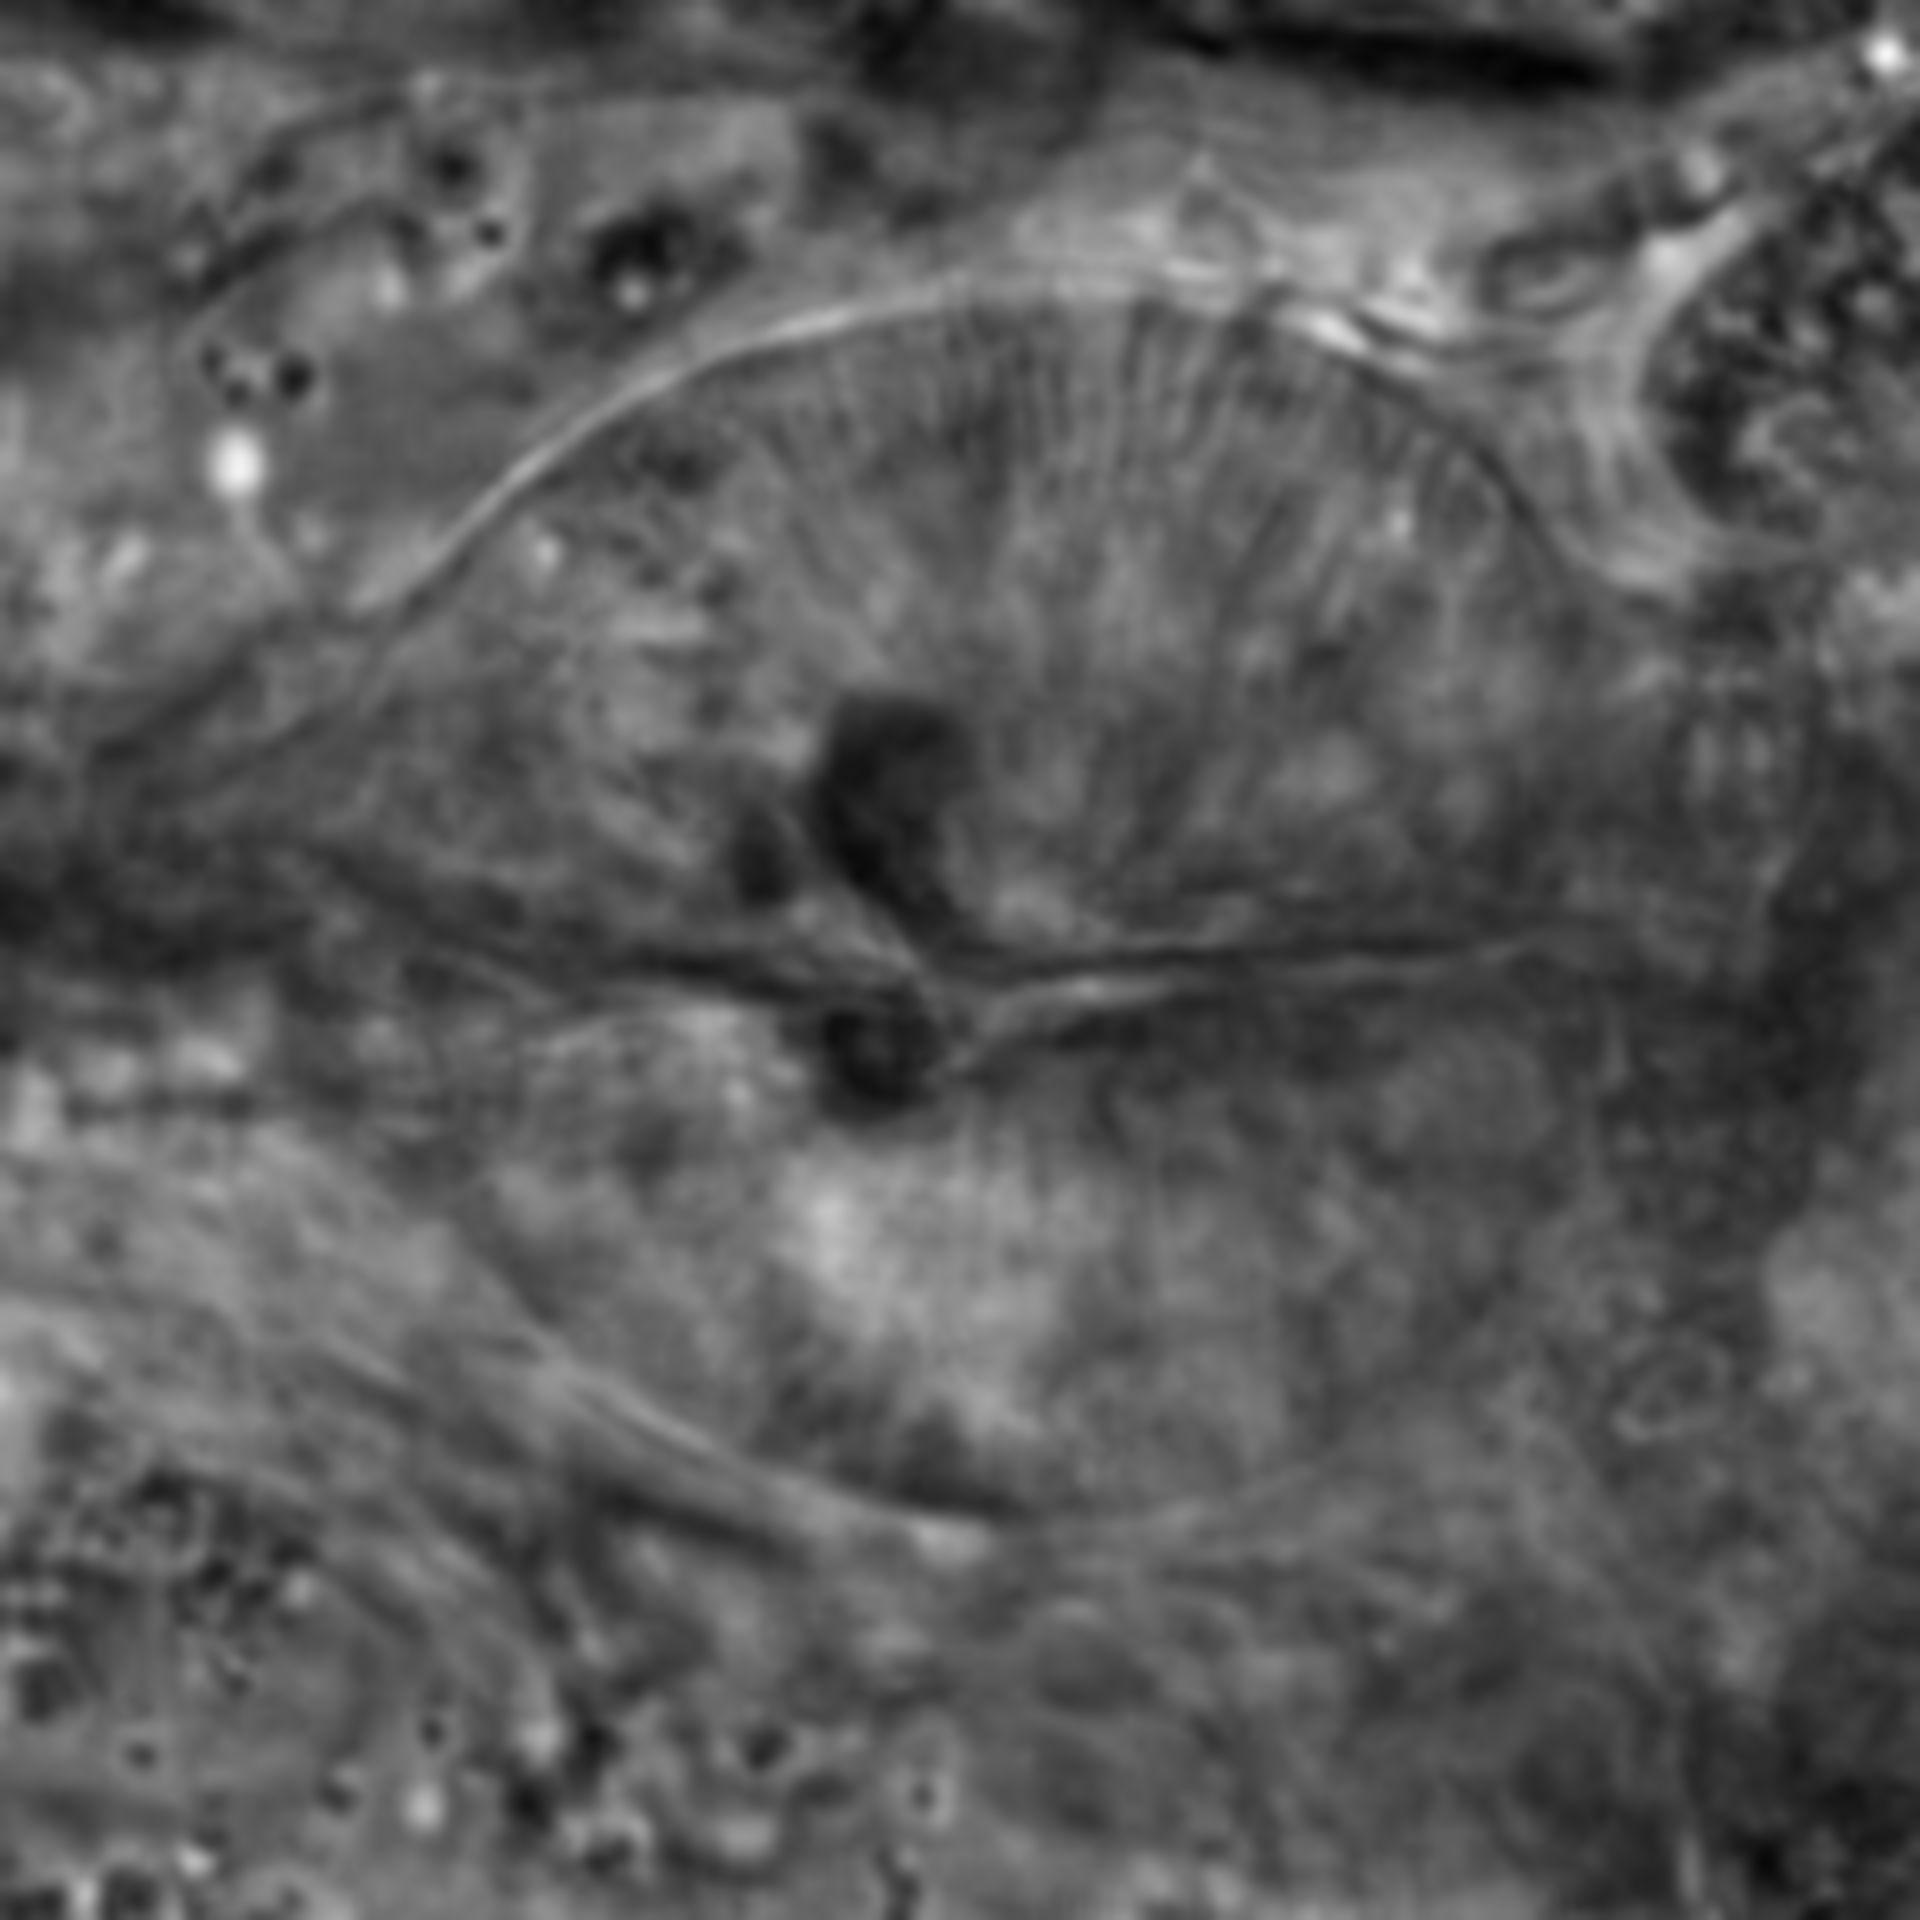 Caenorhabditis elegans - CIL:1693